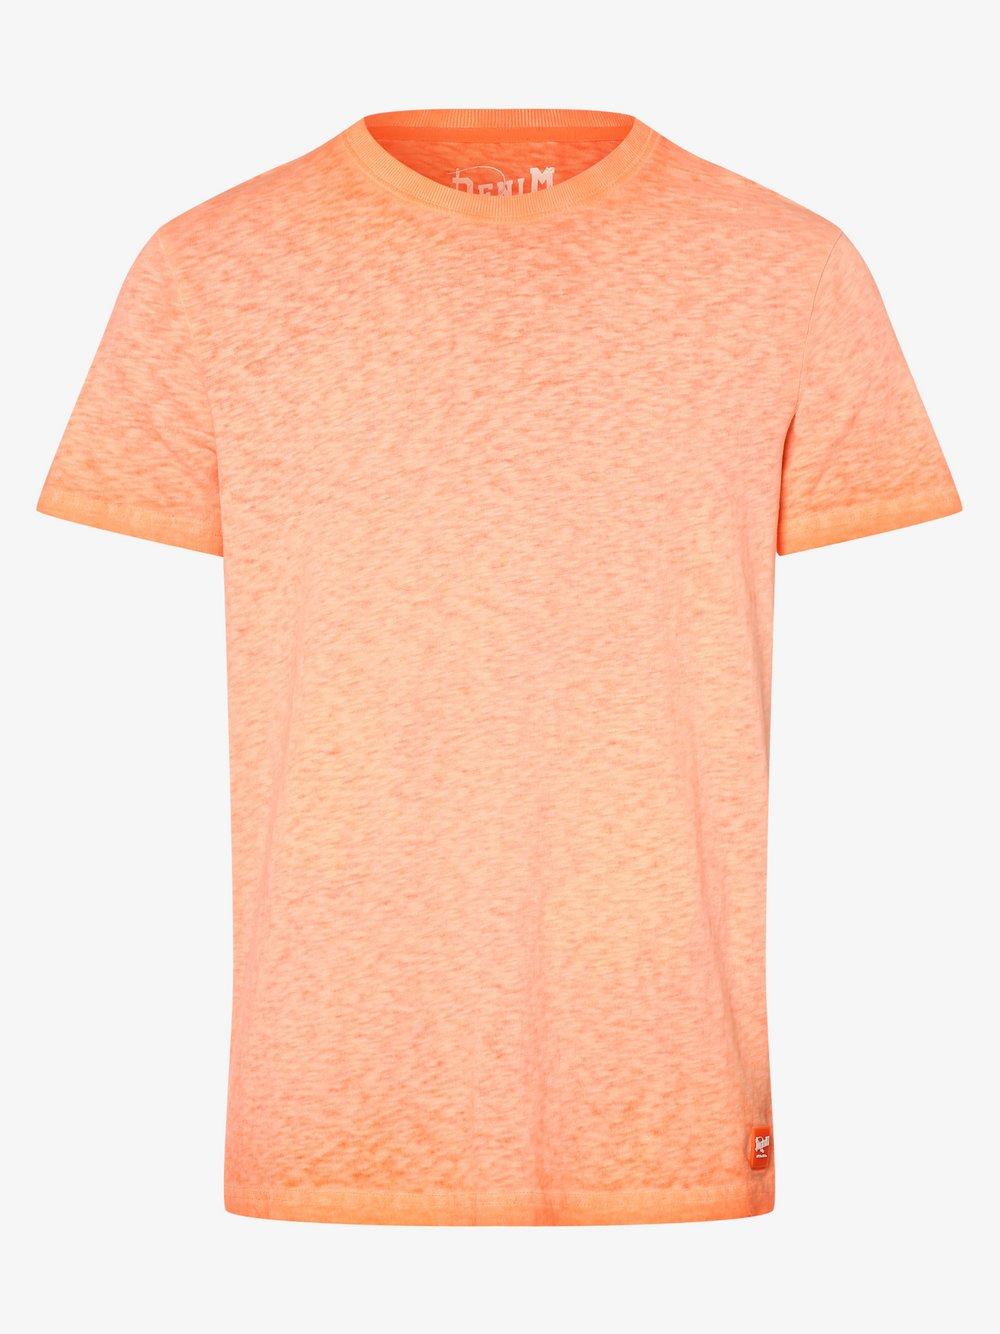 DENIM by Nils Sundström – T-shirt męski, pomarańczowy Van Graaf 472393-0006-09970